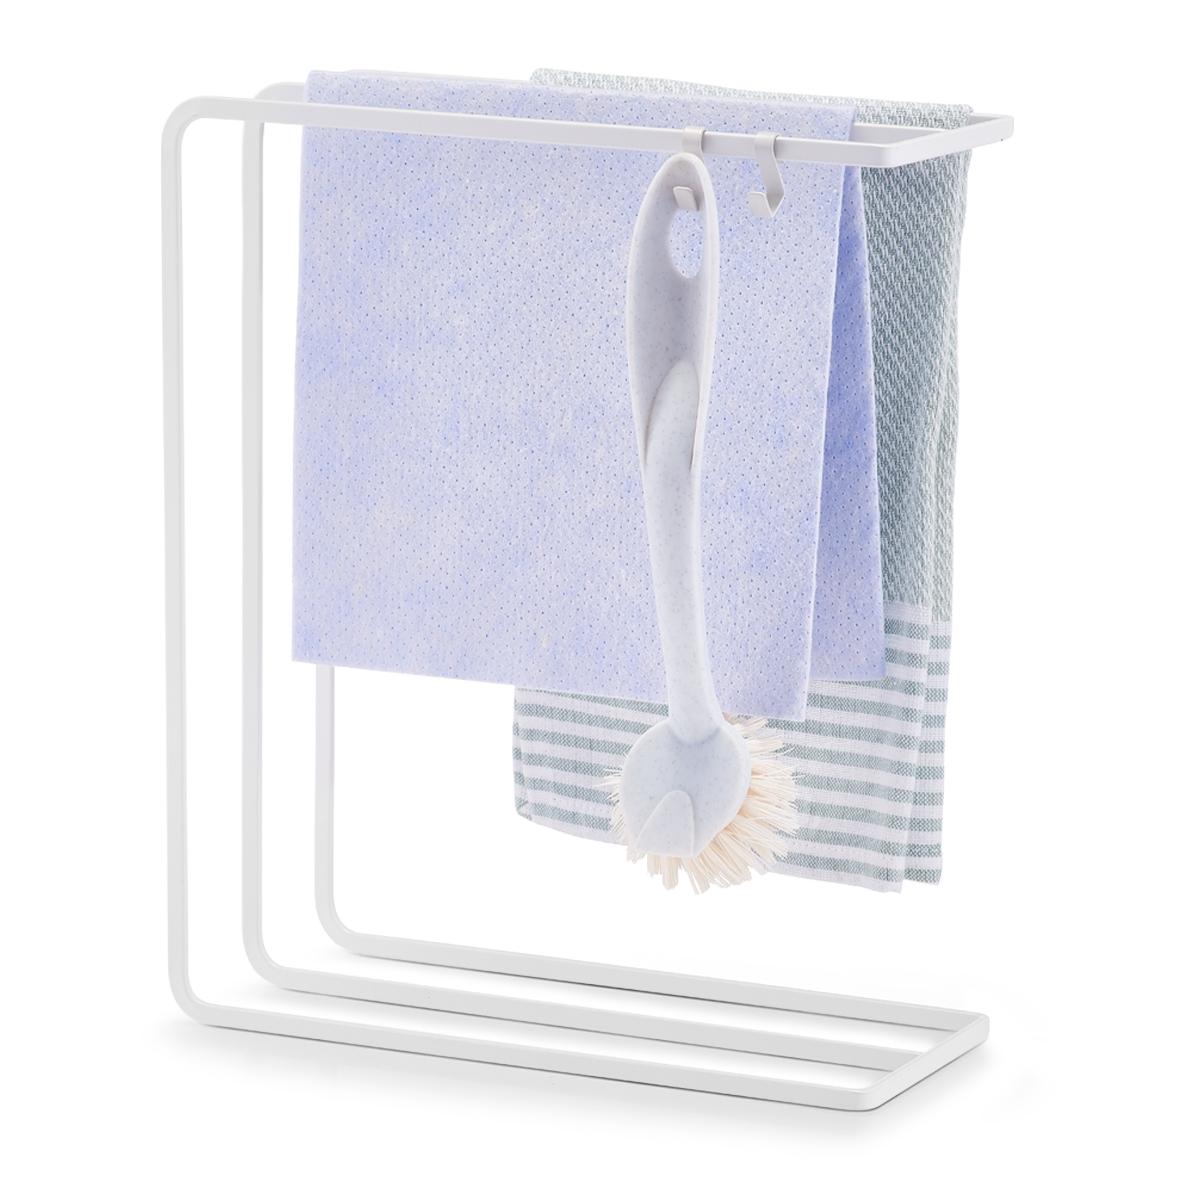 Suport metalic pentru accesorii curatenie, Drain Alb, L30xl10xH25 cm